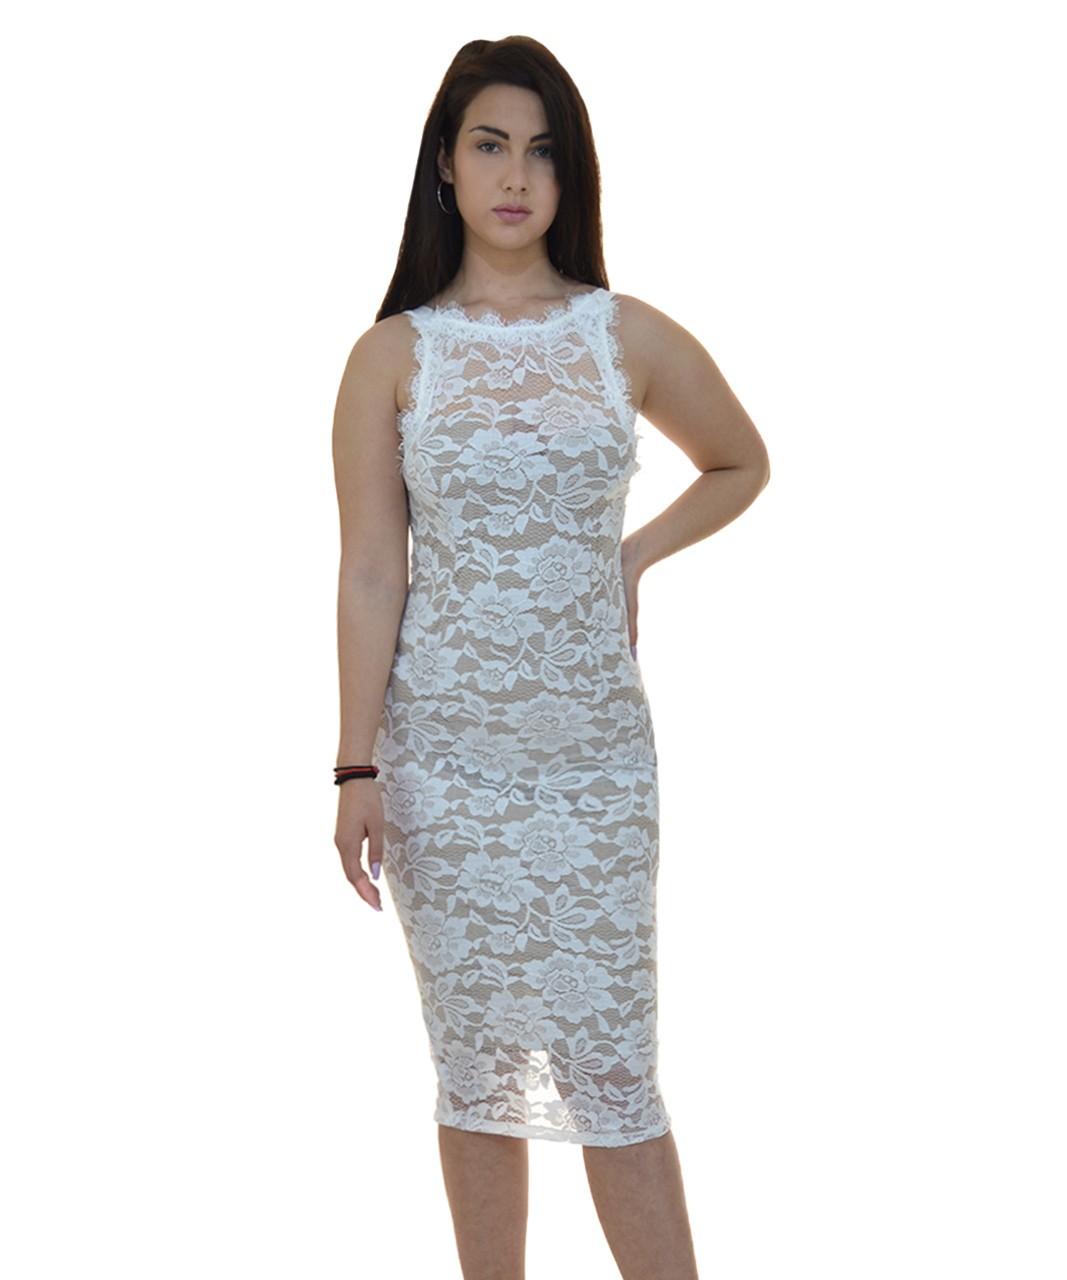 Φόρεμα Μίντι Δαντέλα Εξώπλατο